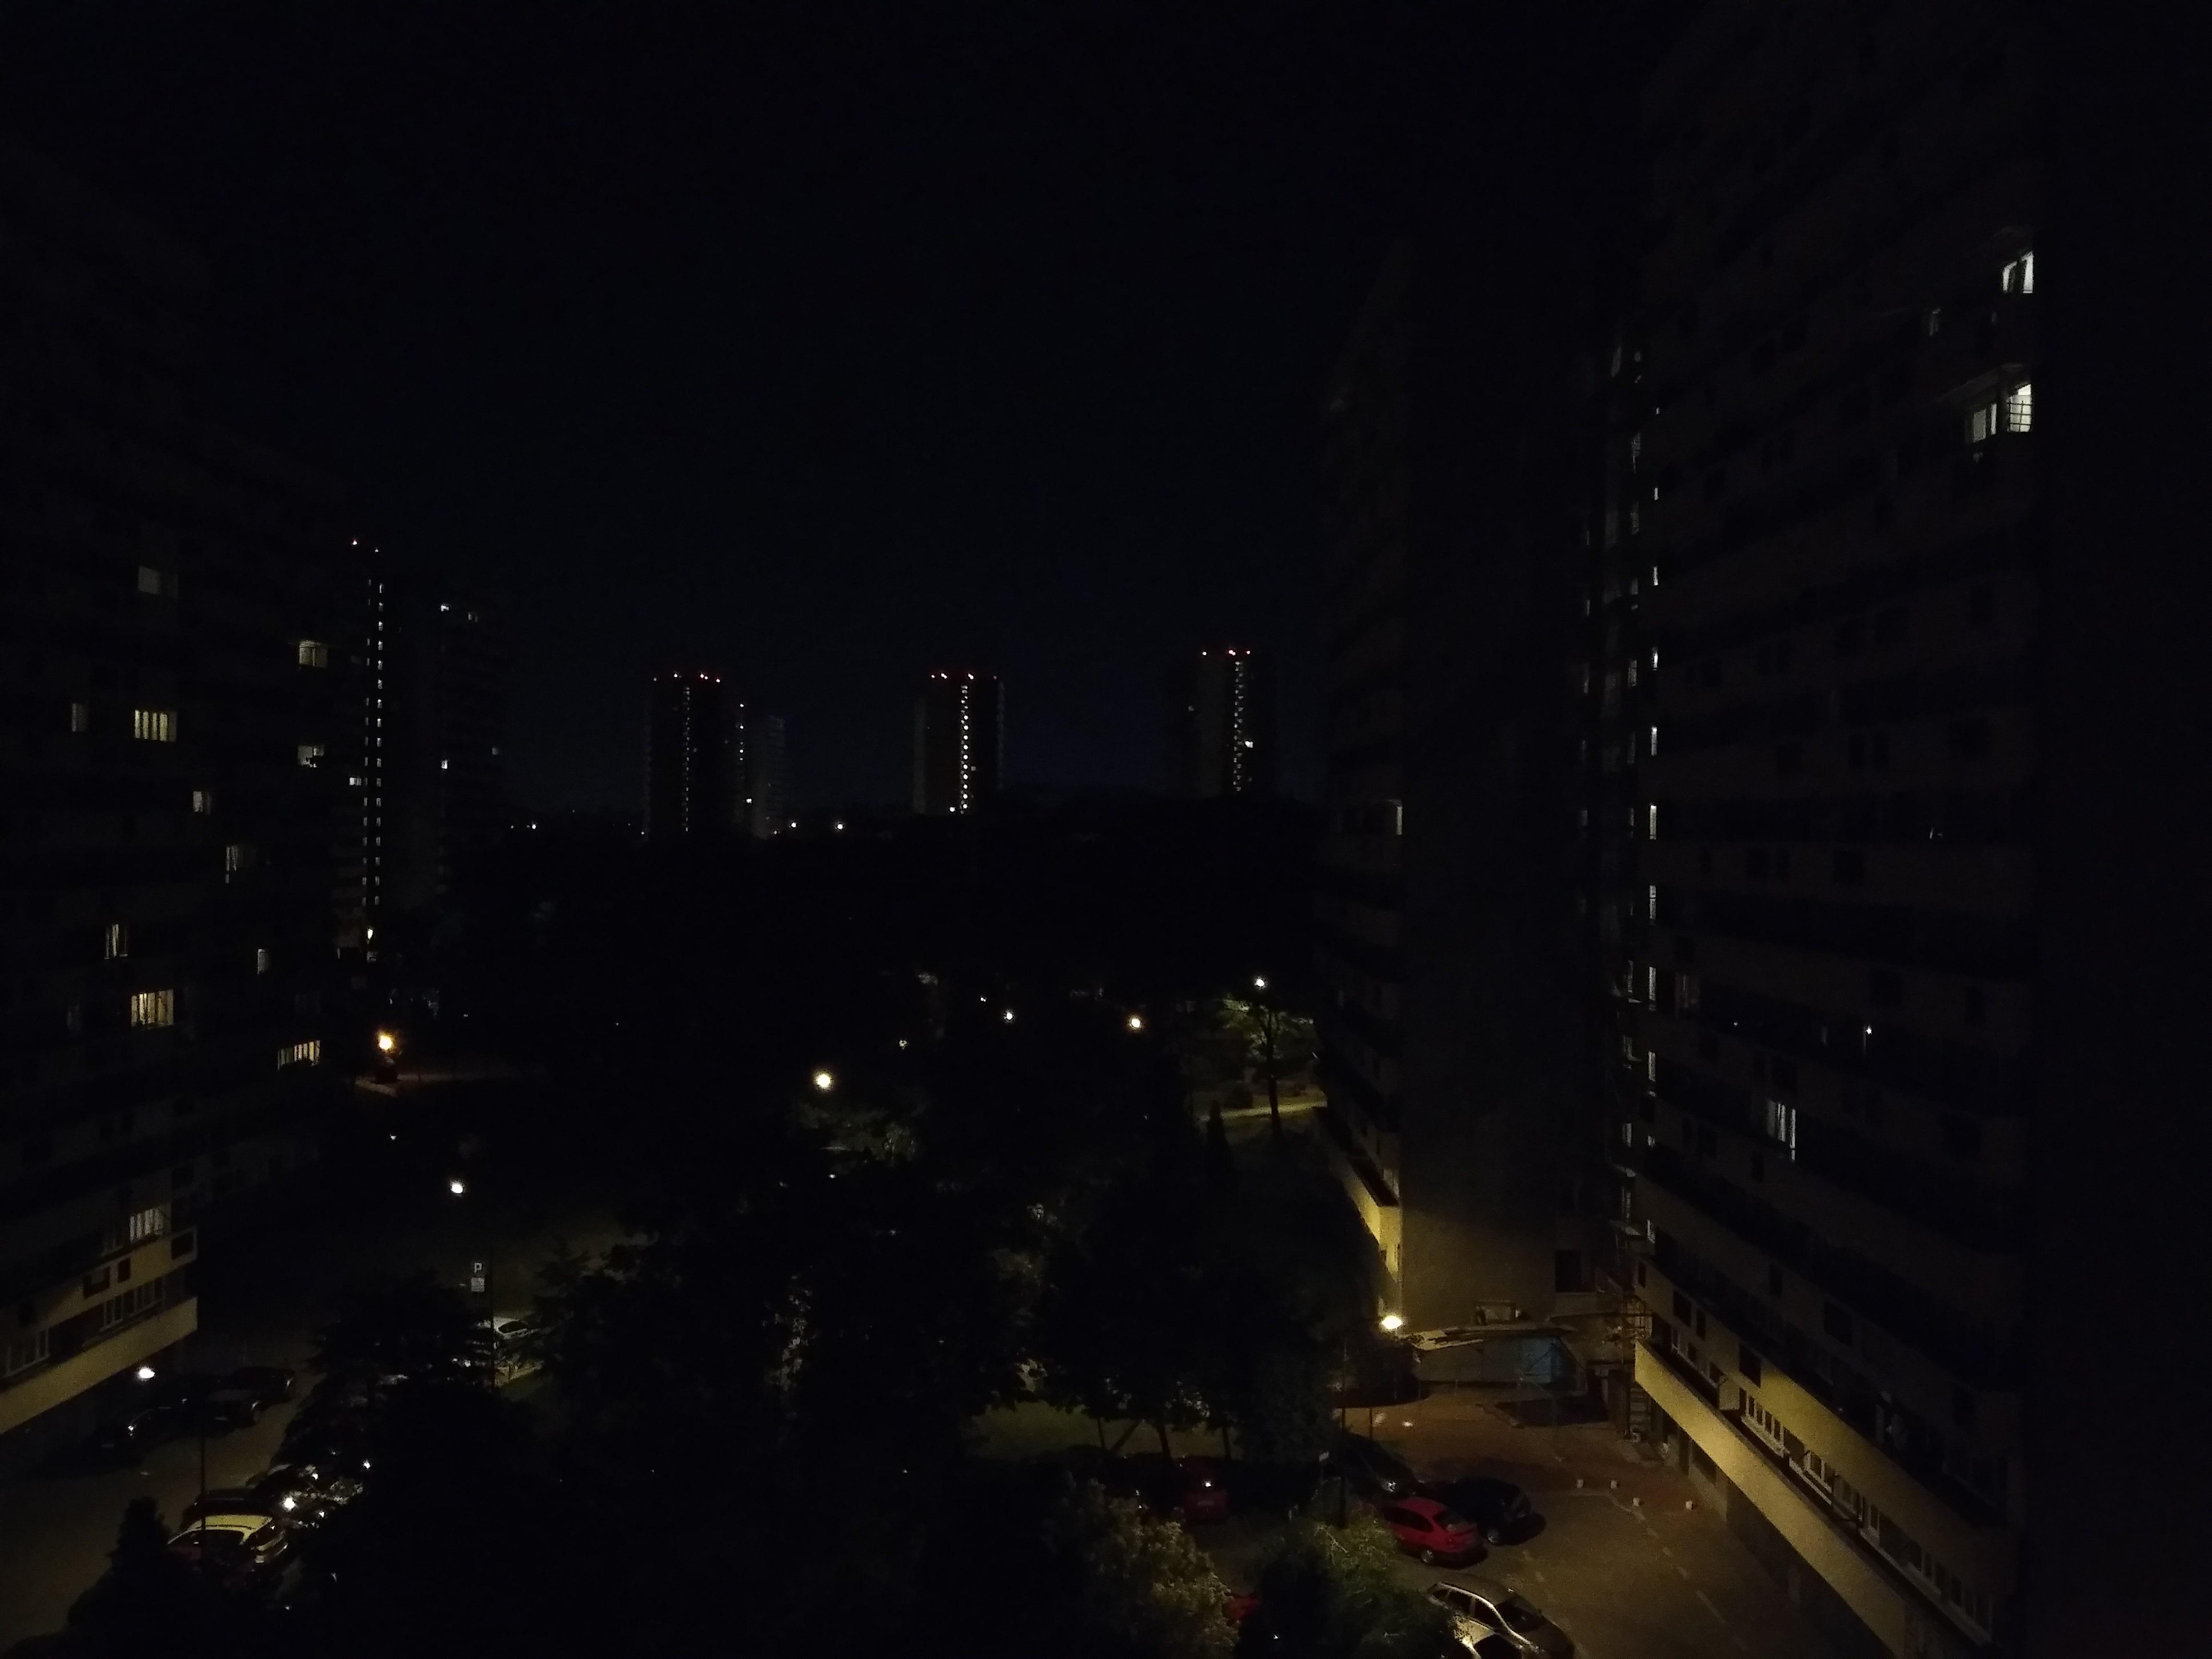 Zdjęcia nocne - Wiko View 2 Pro